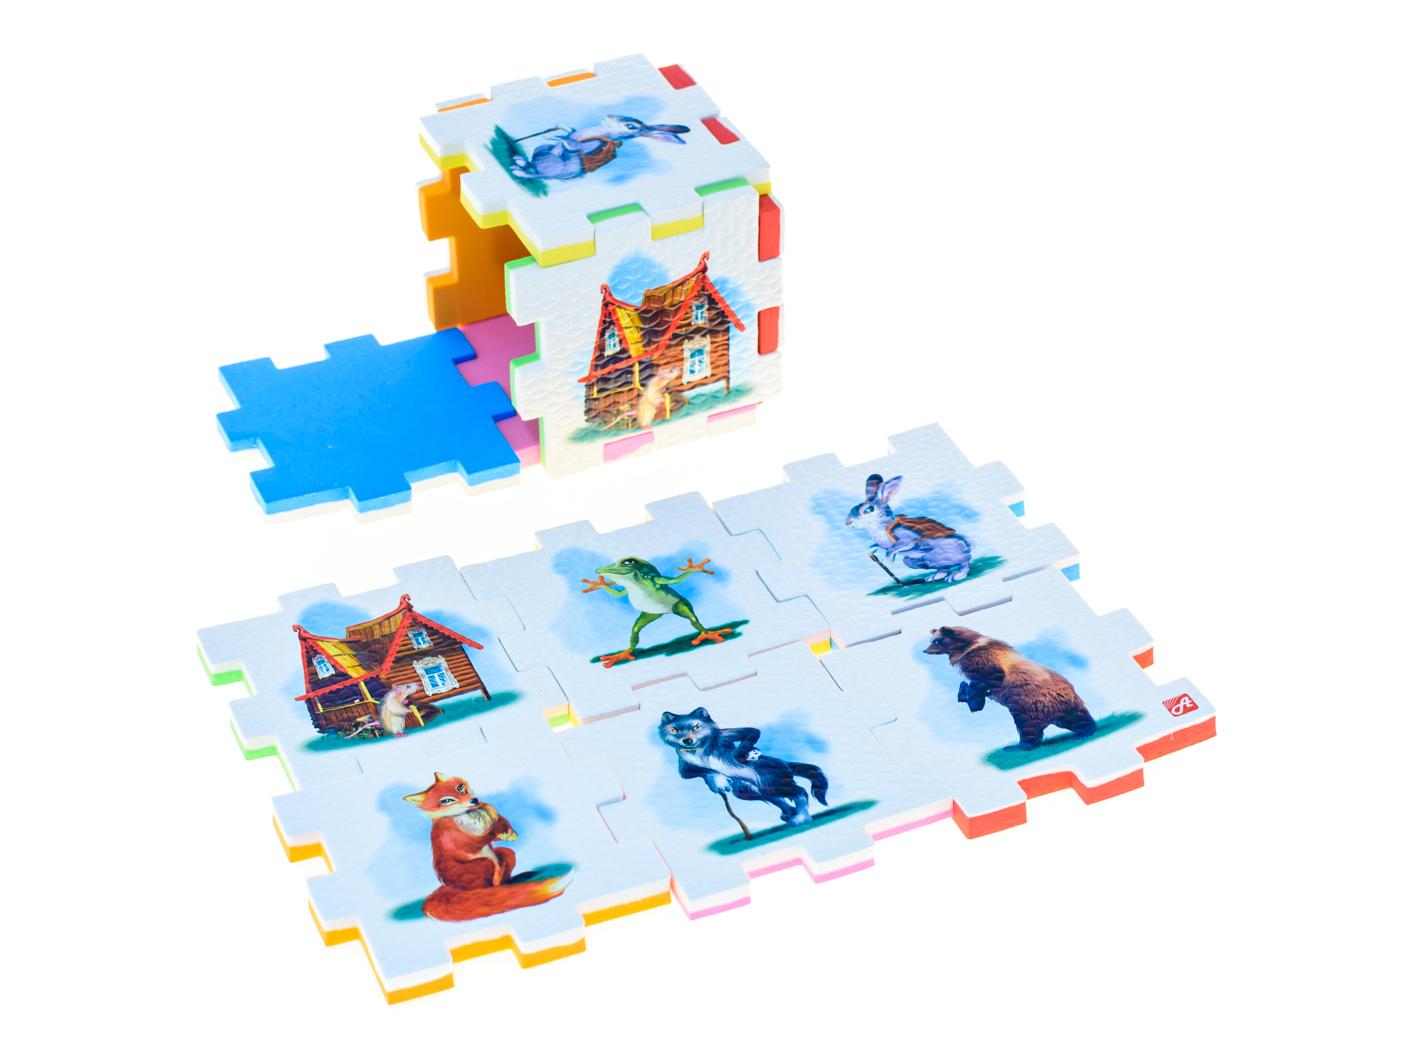 Нескучный кубик Пазл для малышей Теремок282346Развивающее пособие-игрушка призвано в легкой игровой форме помочь ребенку познакомиться с окружающим миром, изучить цвета, формы, развить логическое и ассоциативное мышление. Из деталей кубика можно конструировать не только кубик из 6 элементов! Попробуйте собрать форму побольше — из 10-12 деталей, либо кубик из 24 деталей, у которого каждая сторона будет состоять из 4-х картинок-элементов. Либо вы можете сложить с ребенком необычный коврик из деталей кубика. Кубики «Сказки» можно использовать как наглядное пособие для сказочных игр с ребенком, например как демонстрационный материал, выкладывая героев в соответствующей последовательности. В дальнейшем ребенок самостоятельно будет играть с любимыми героями, рассказывать сказки и устраивать представления, развивая воображение и устную речь.